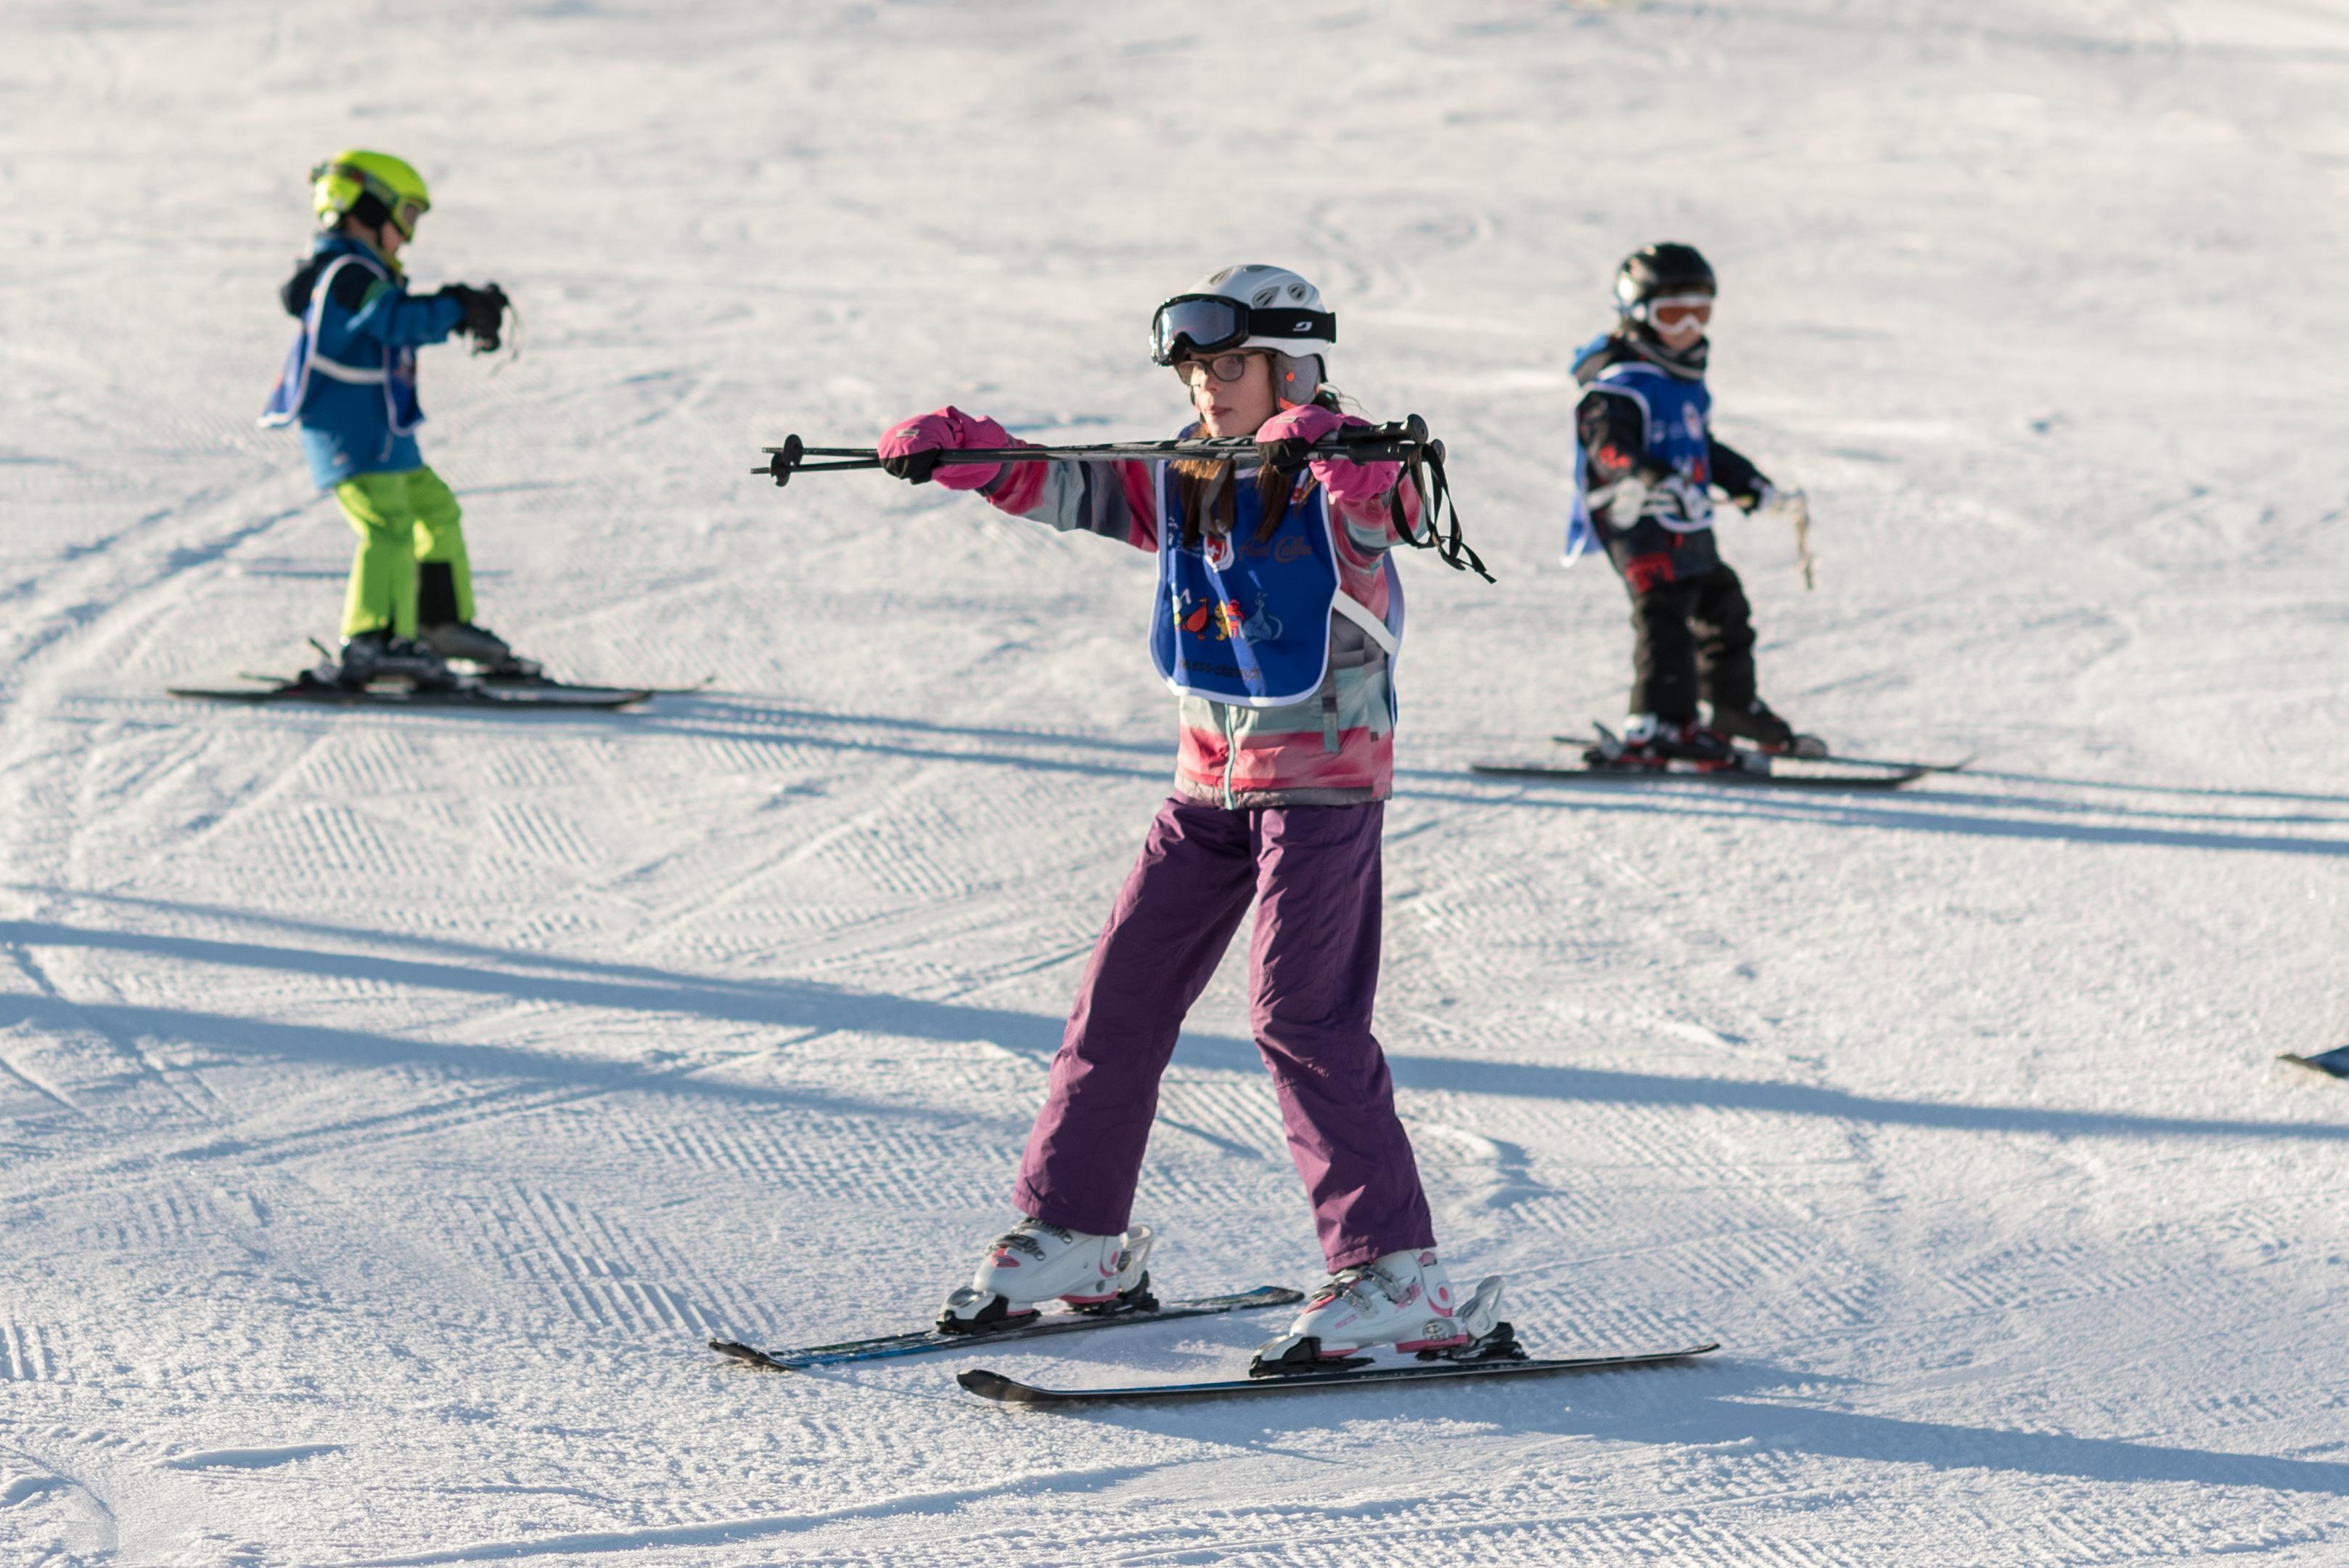 Cours de ski Enfants (6-15 ans) pour Tous niveaux - Vacances